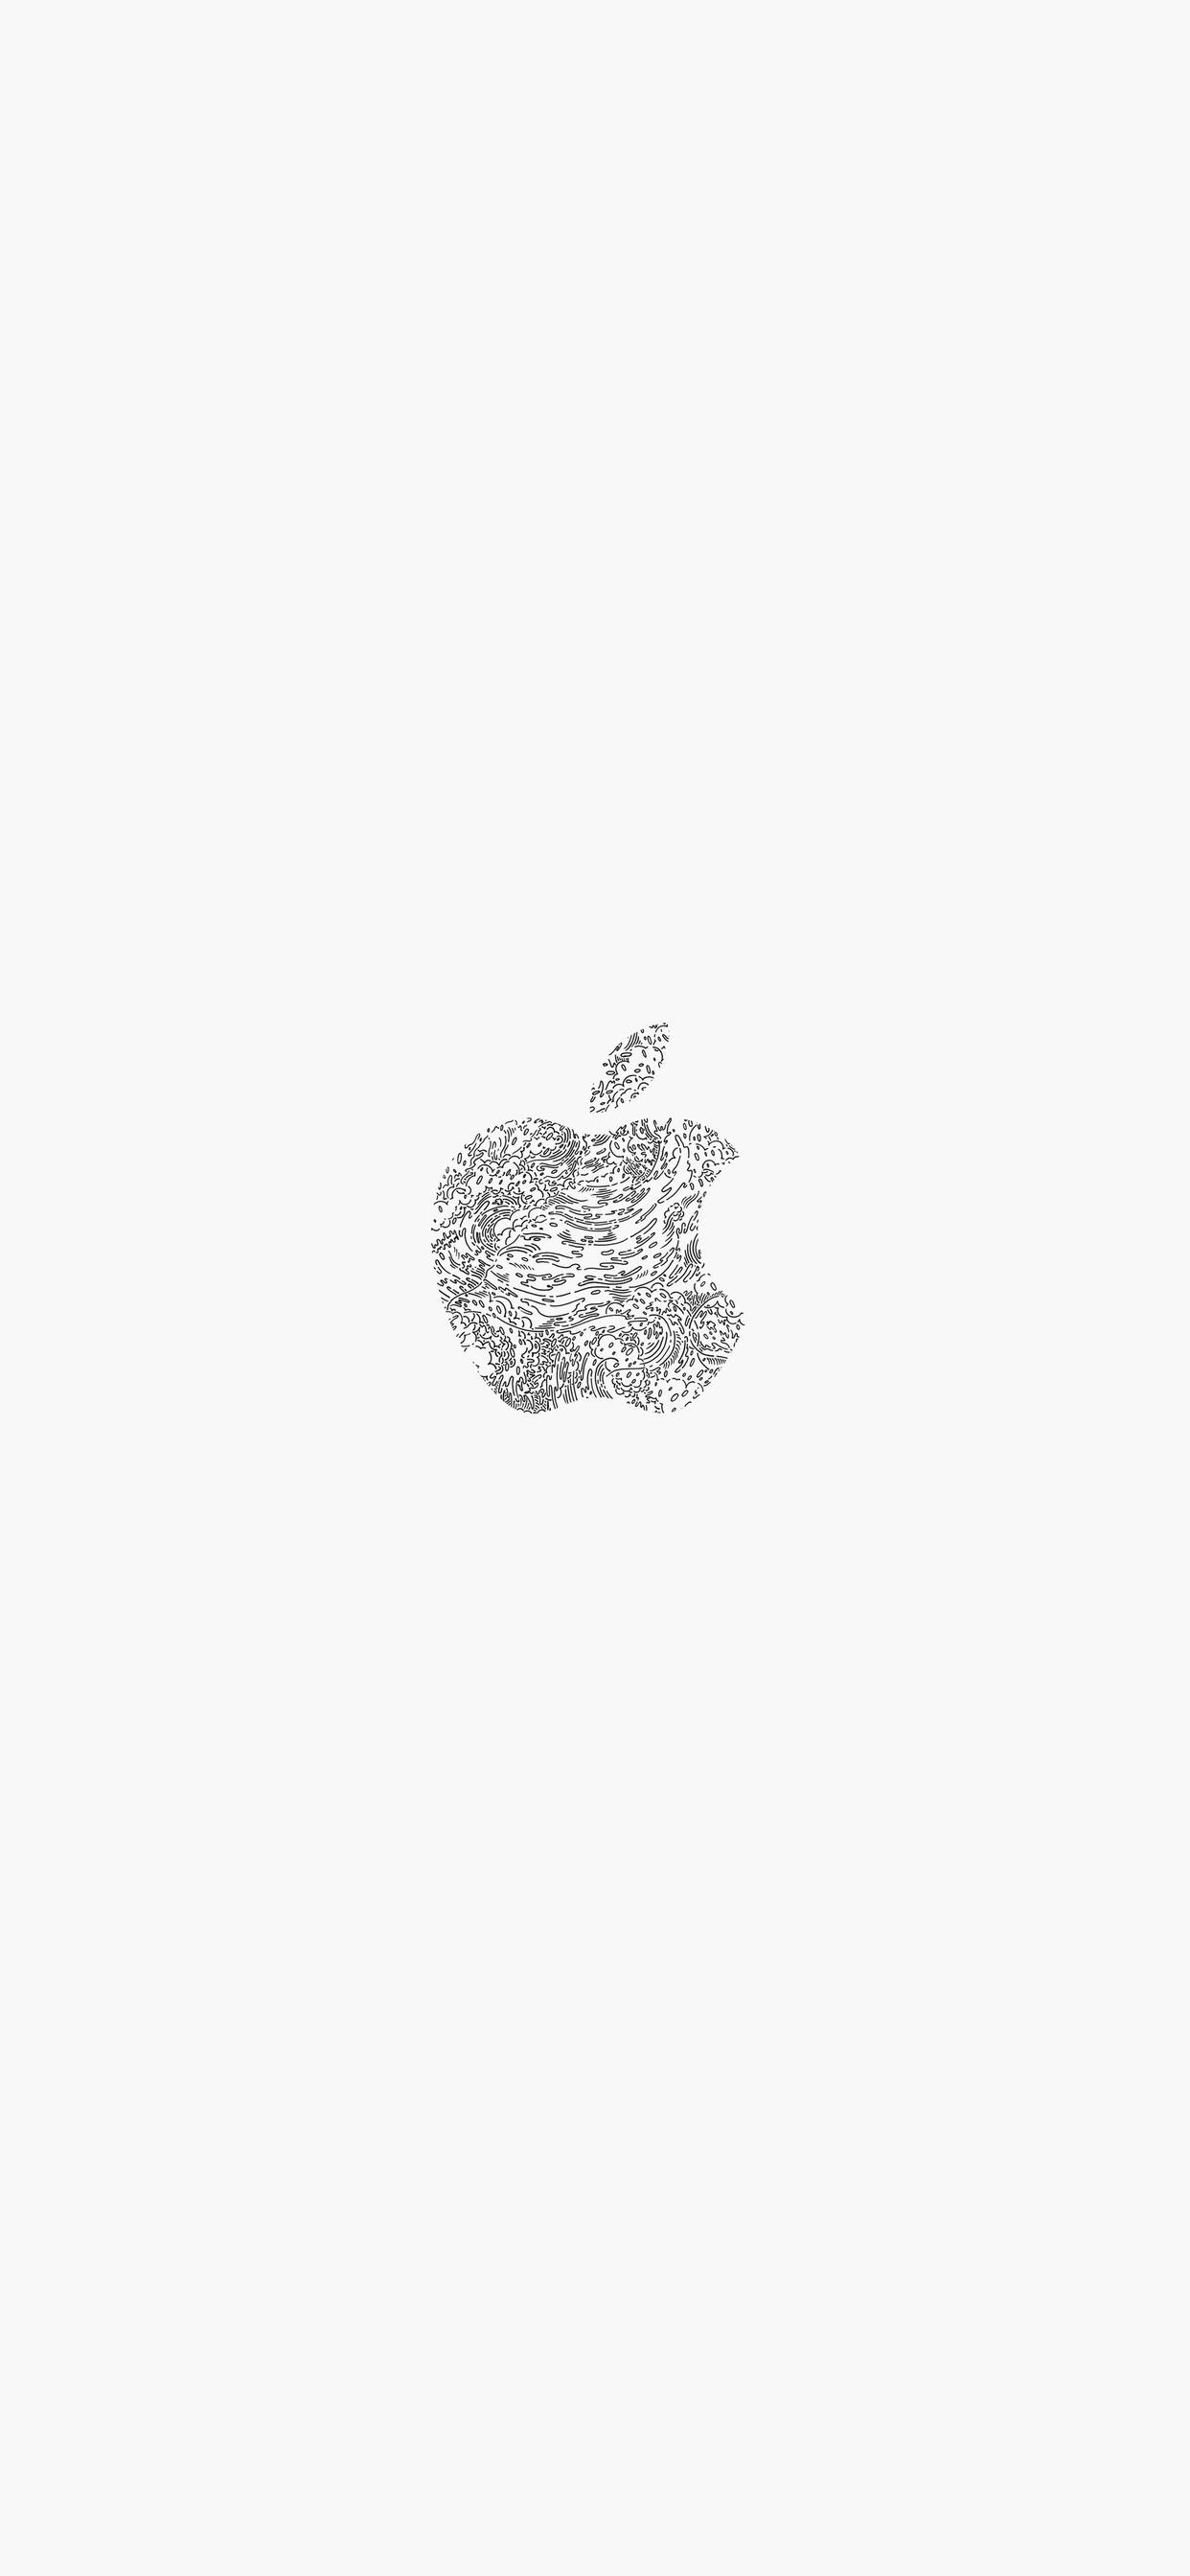 11 Fonds d'écran avec le logo Apple pour iPhone